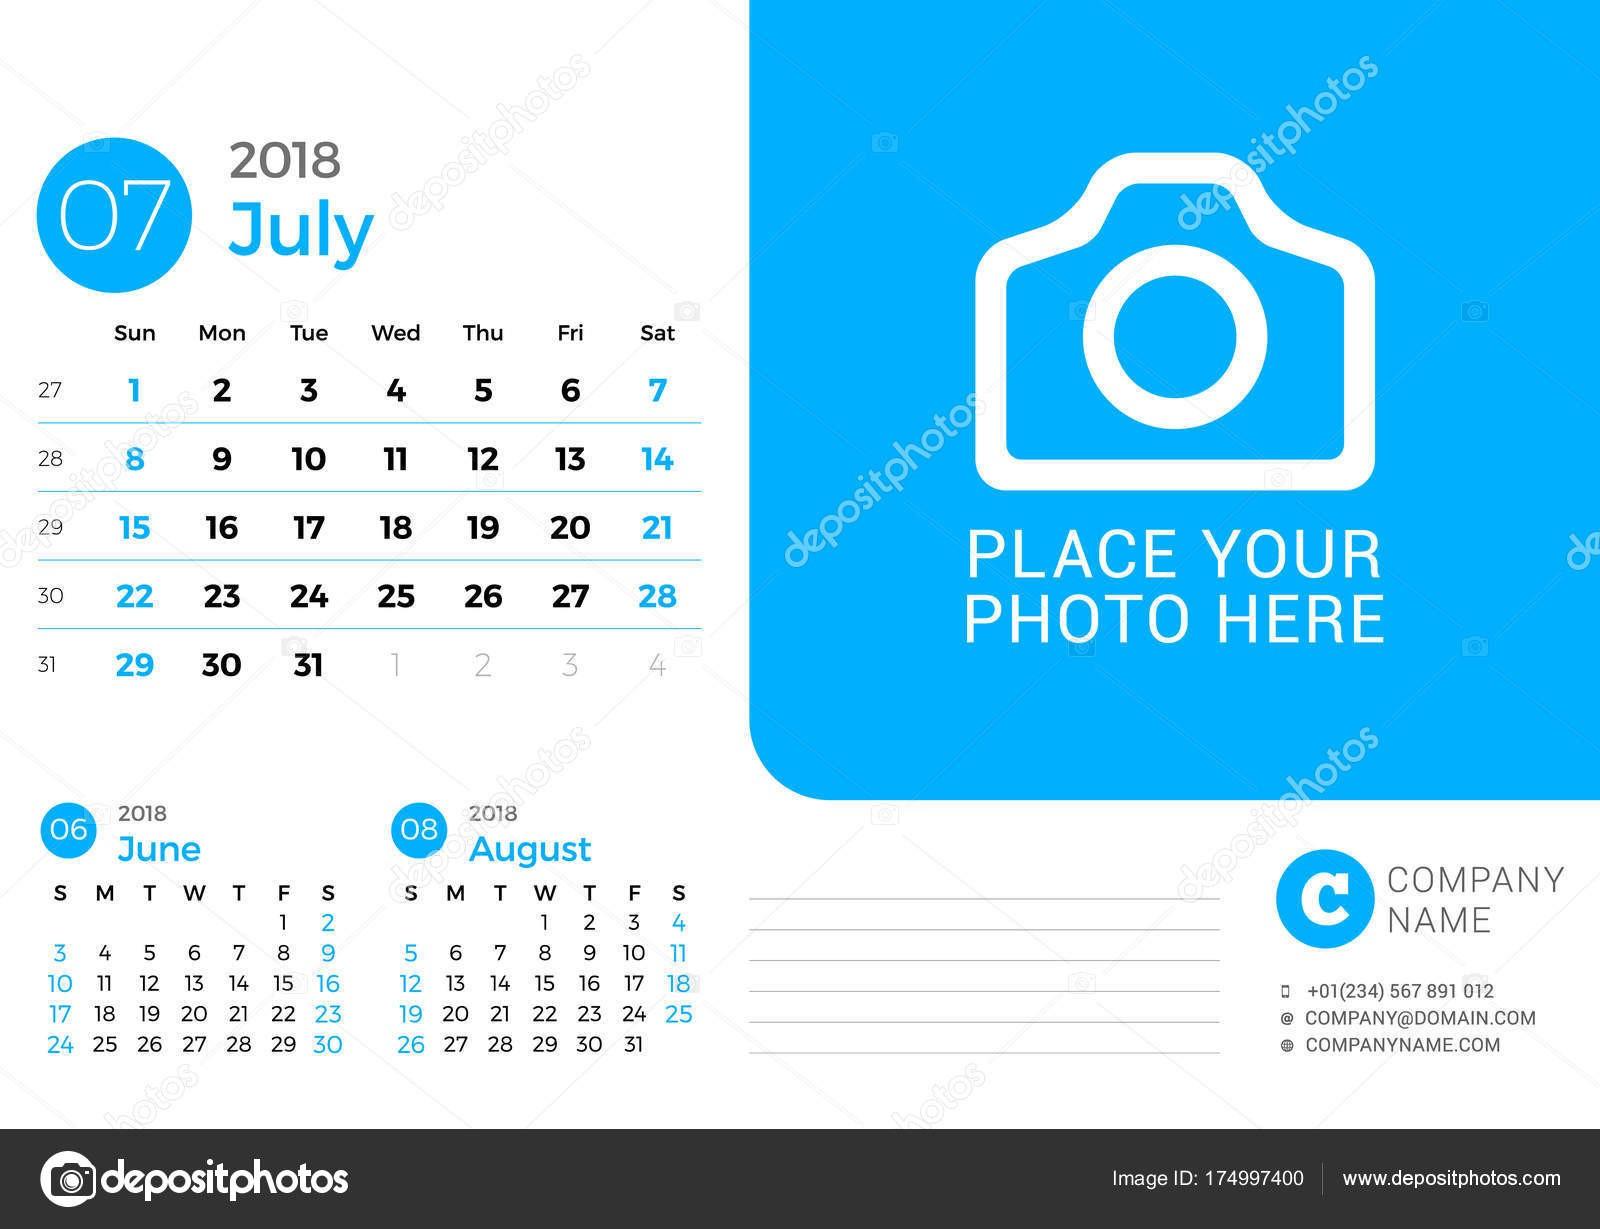 Calendario Planeador 2019 Colombia Para Imprimir Más Reciente Calendario Julio 2016 Con Notas Para Imprimir July Calendar Of Calendario Planeador 2019 Colombia Para Imprimir Más Caliente Image for Febrero Argentina Calendario 2018